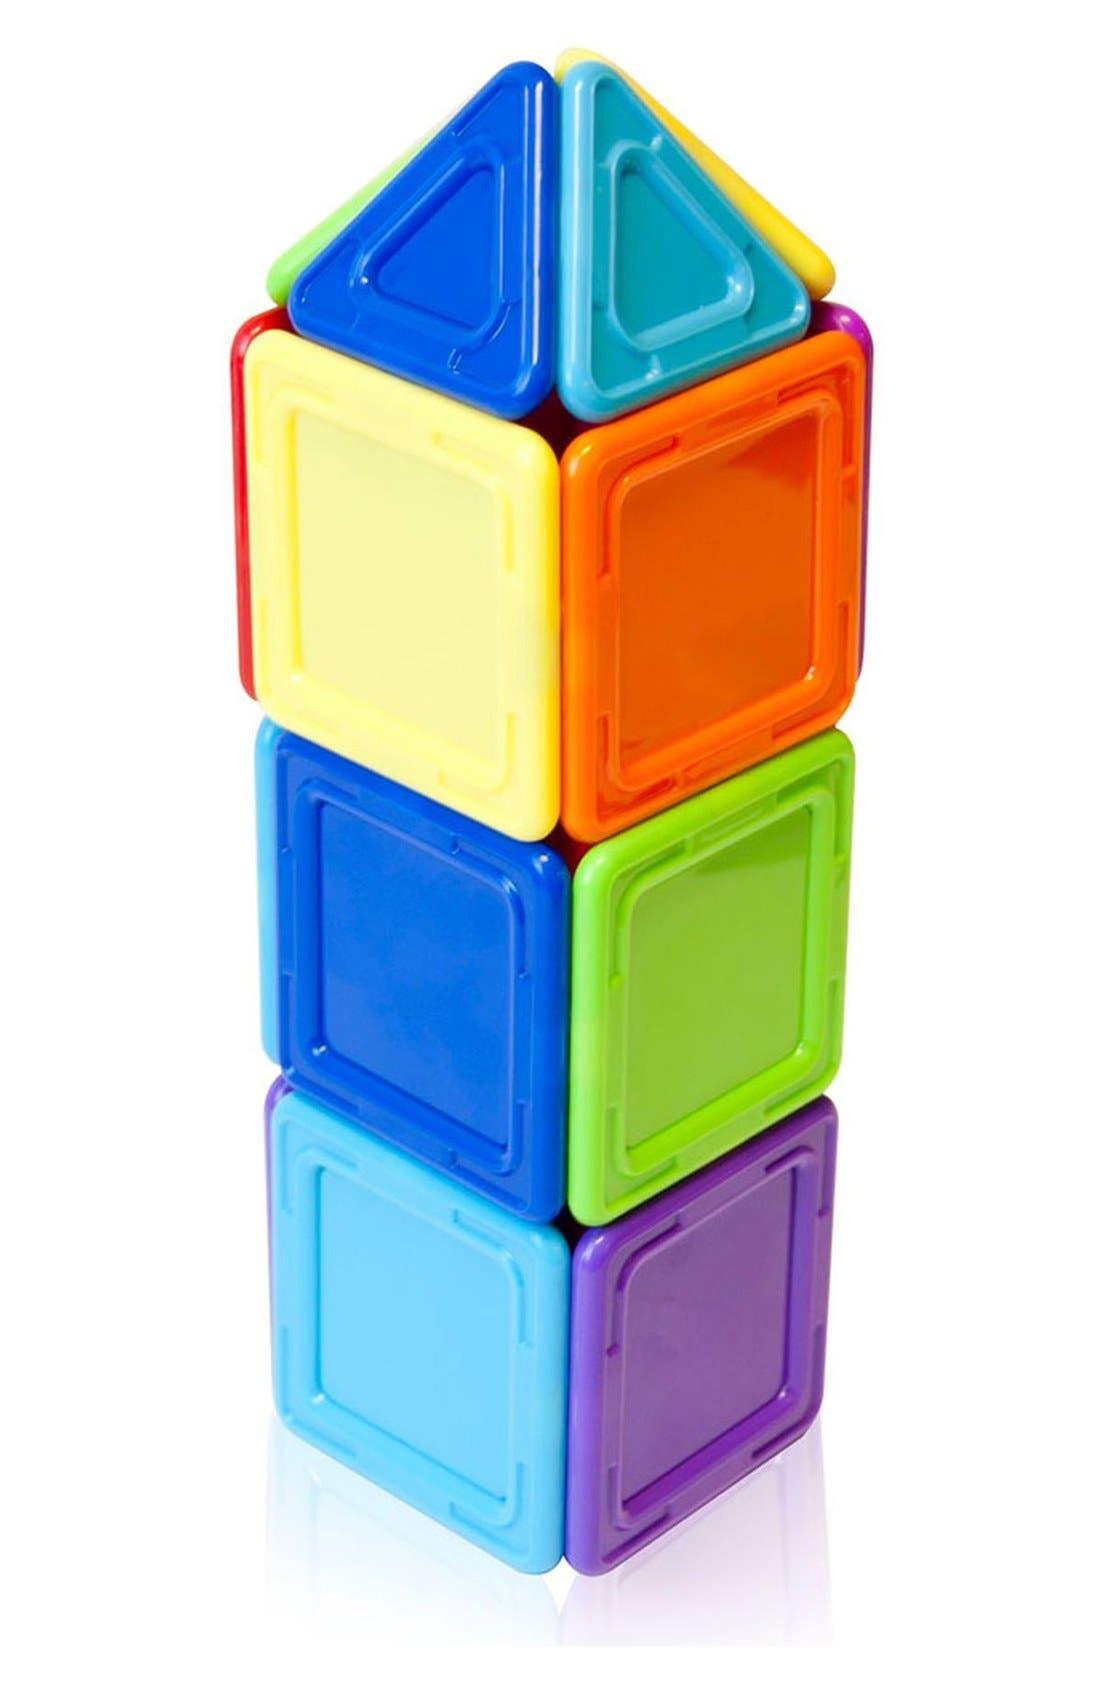 'Standard - Solids' Opaque Magnetic 3D Construction Set,                             Alternate thumbnail 6, color,                             460